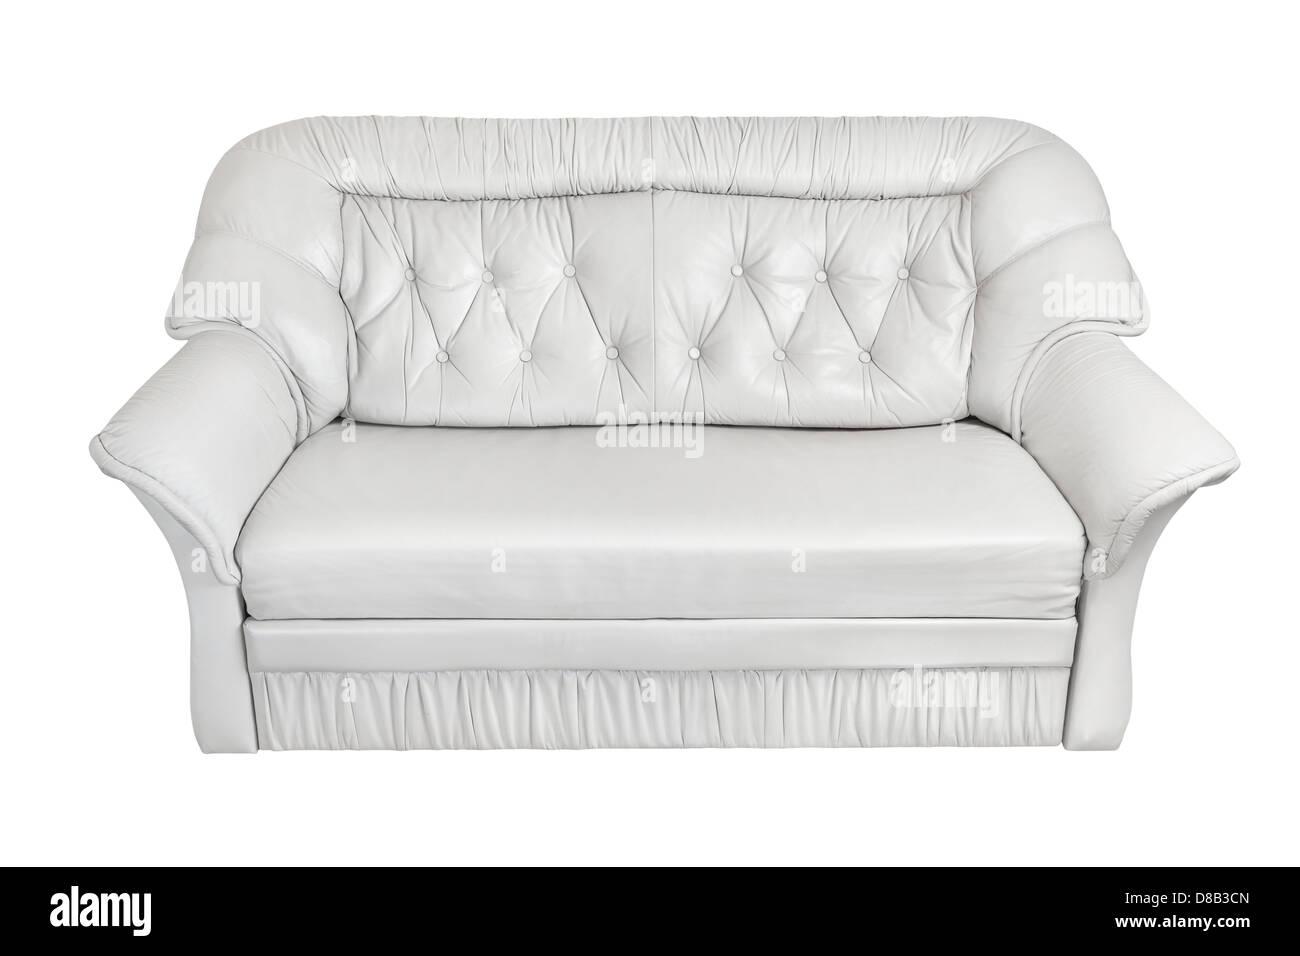 Sofá de cuero blanco sobre fondo blanco. Imagen De Stock